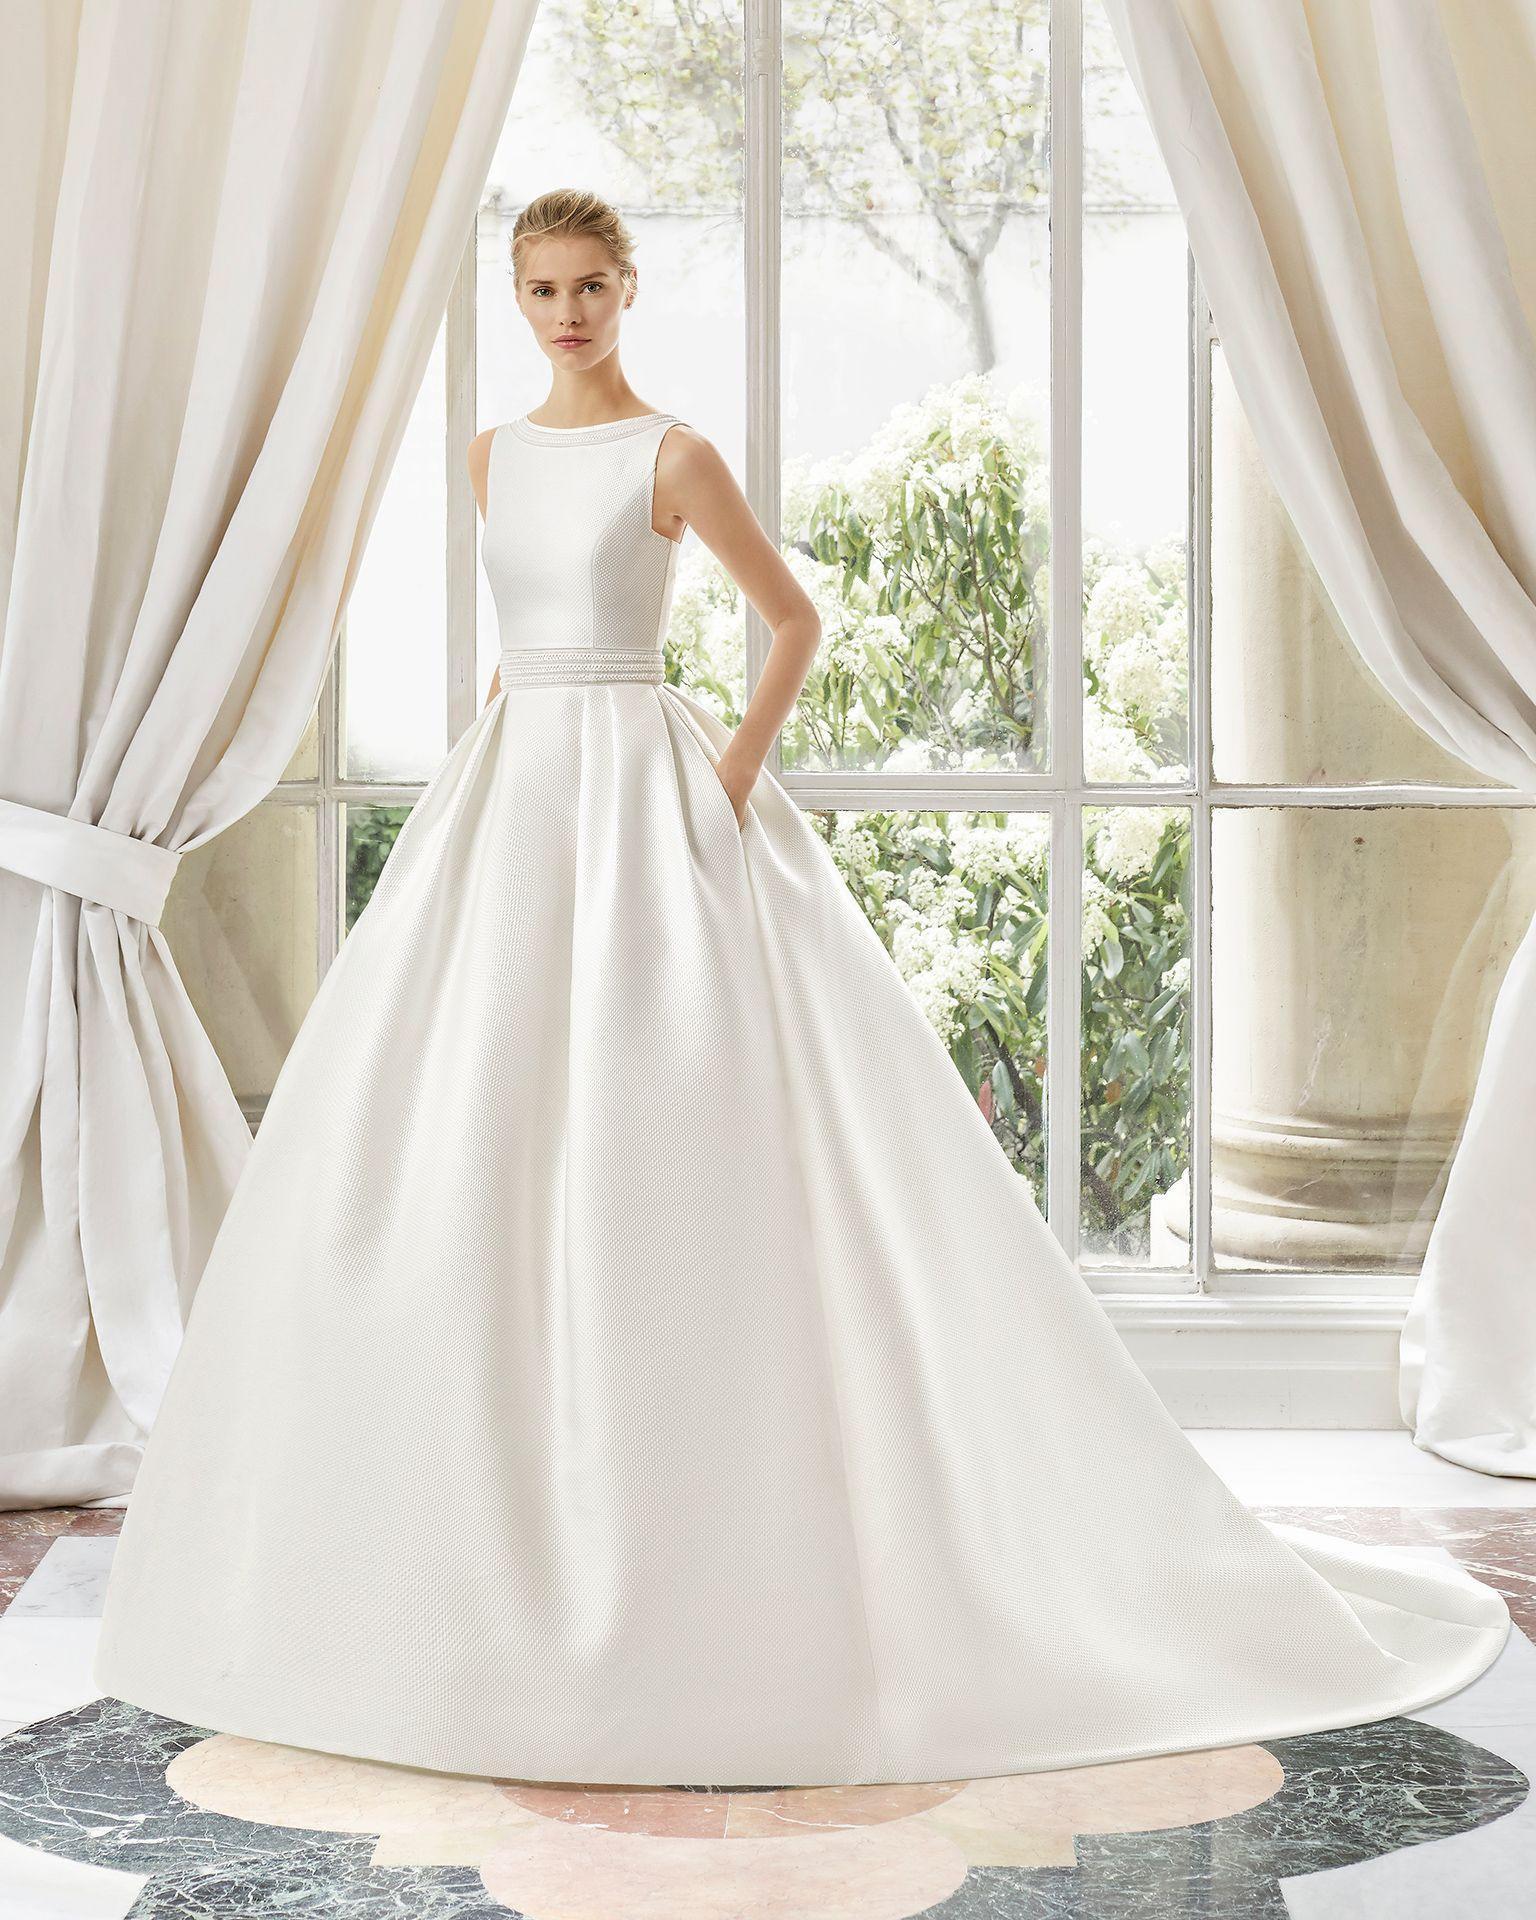 Brautkleider Schnittformen: A-Linie, Empire, Fishtail